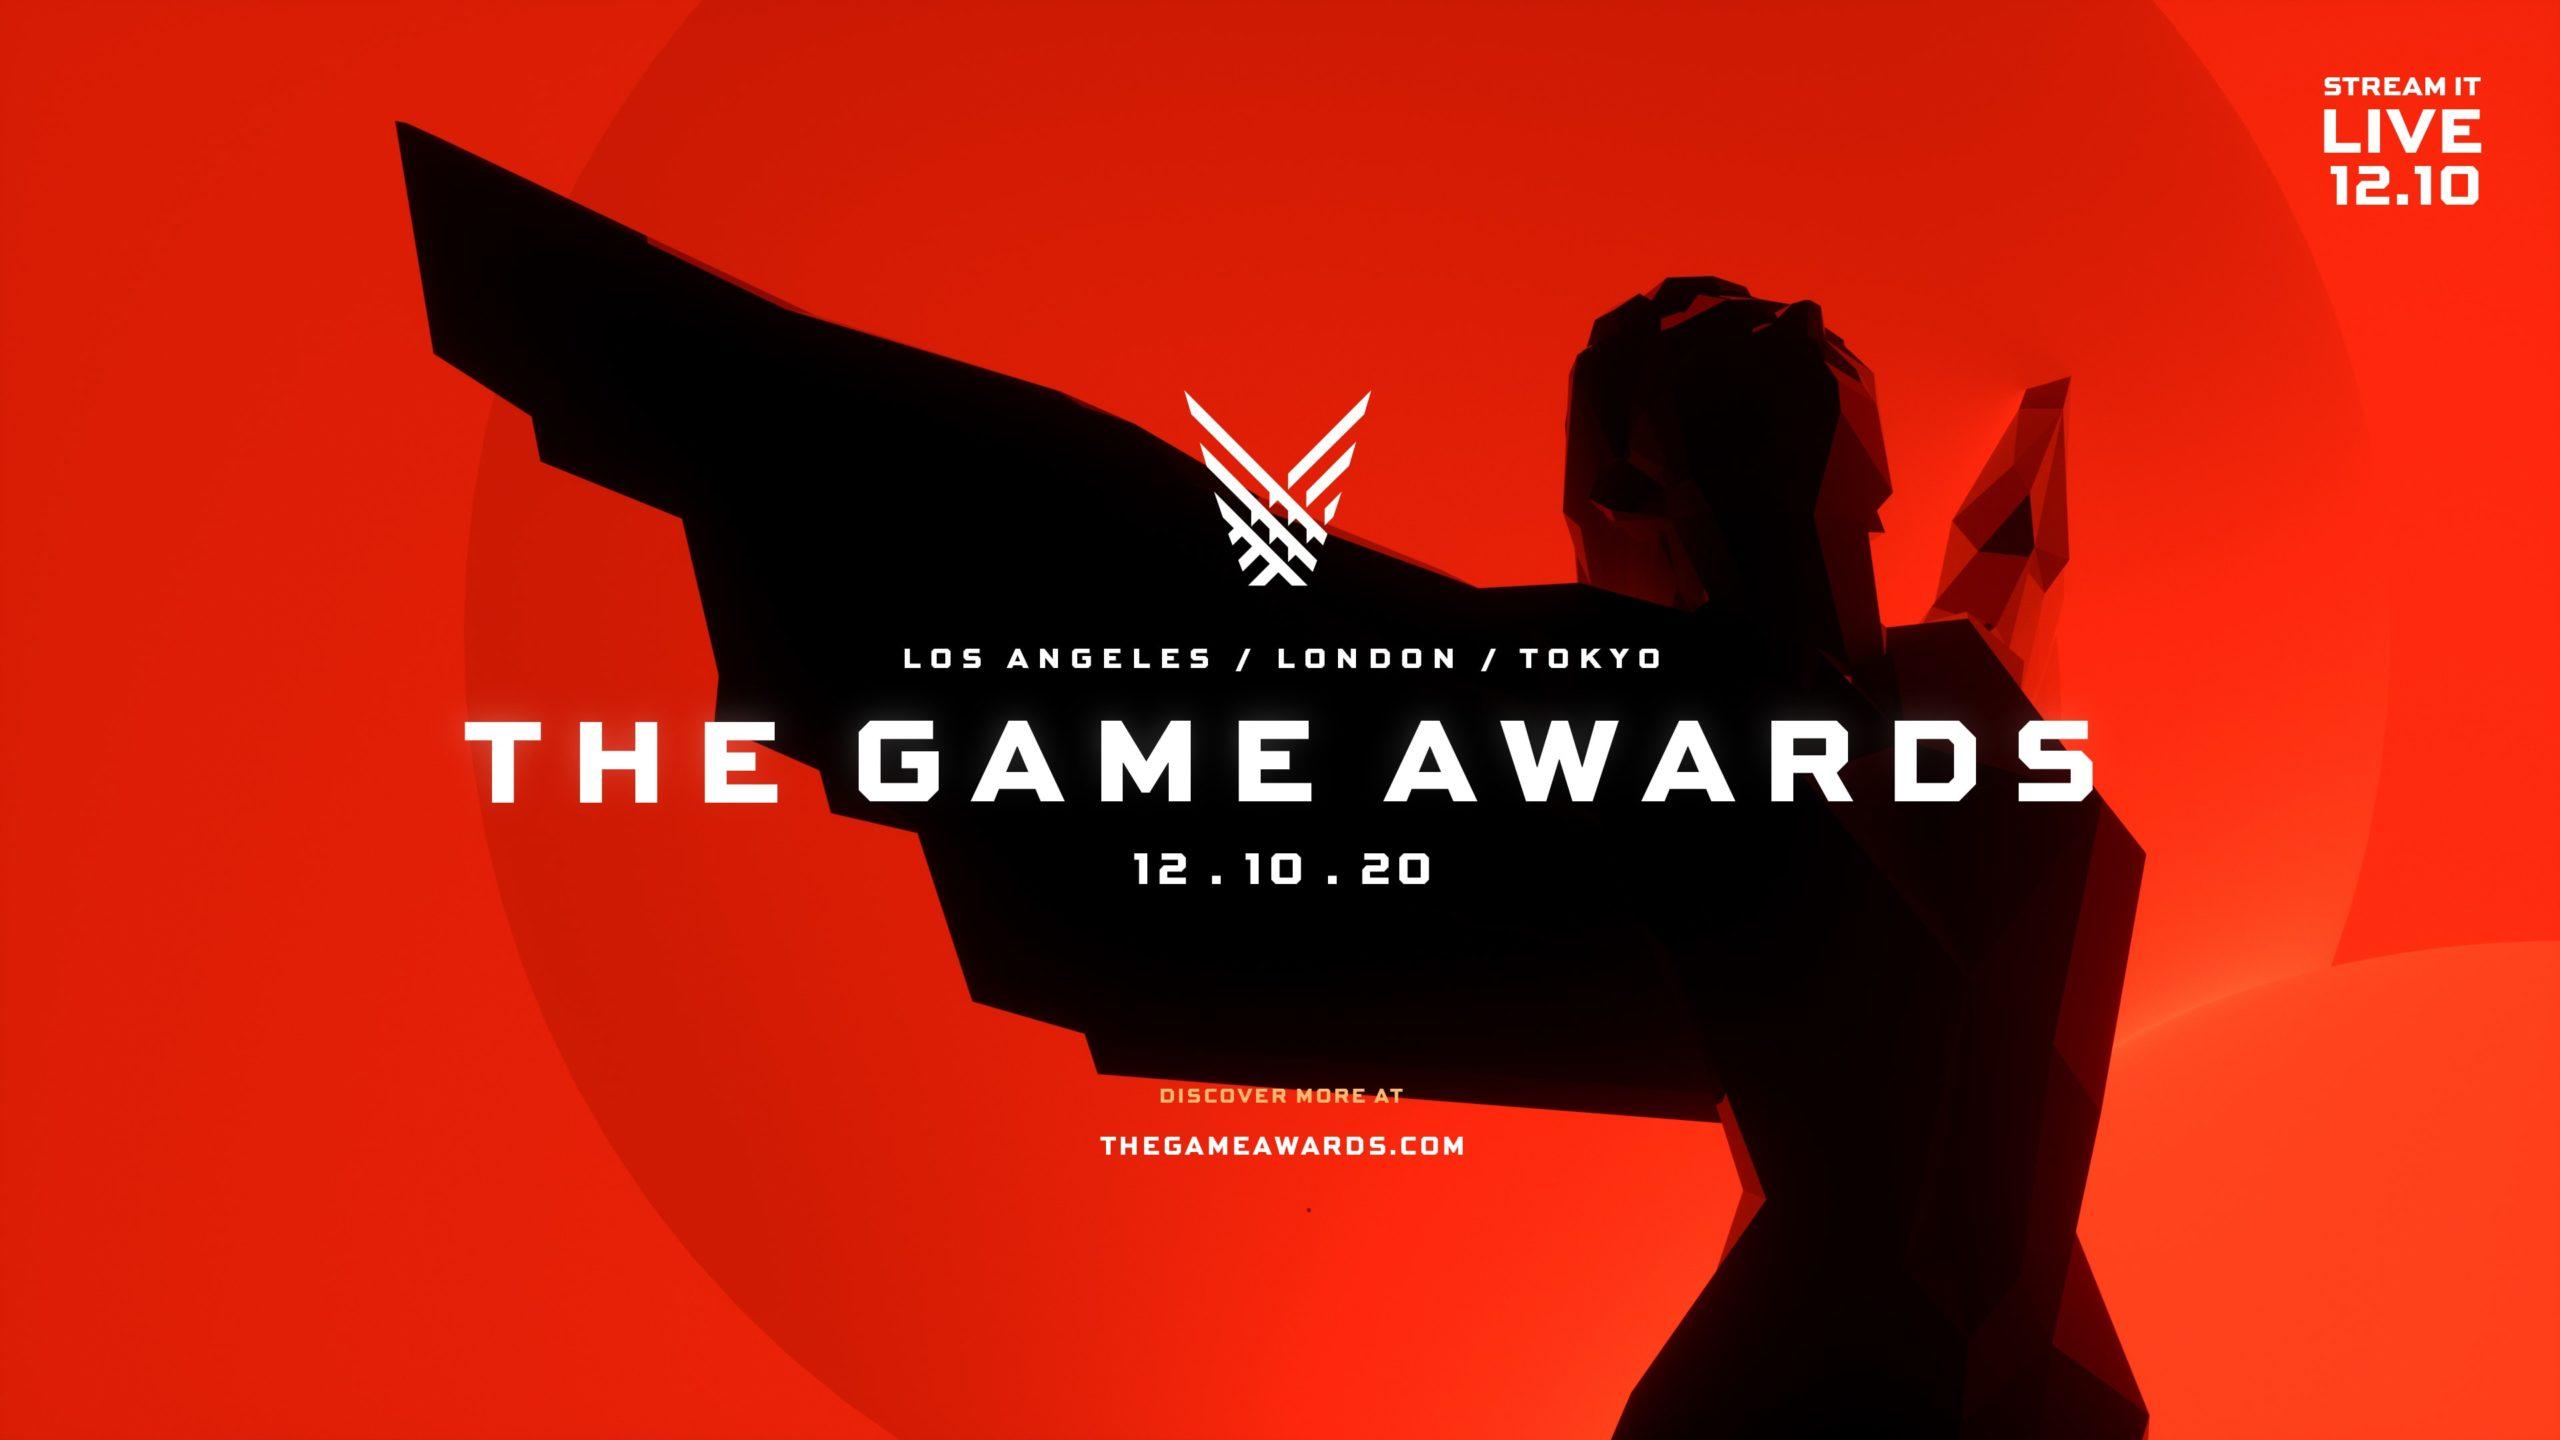 La ceremonia de The Game Awards 2020 se llevará a cabo de forma virtual